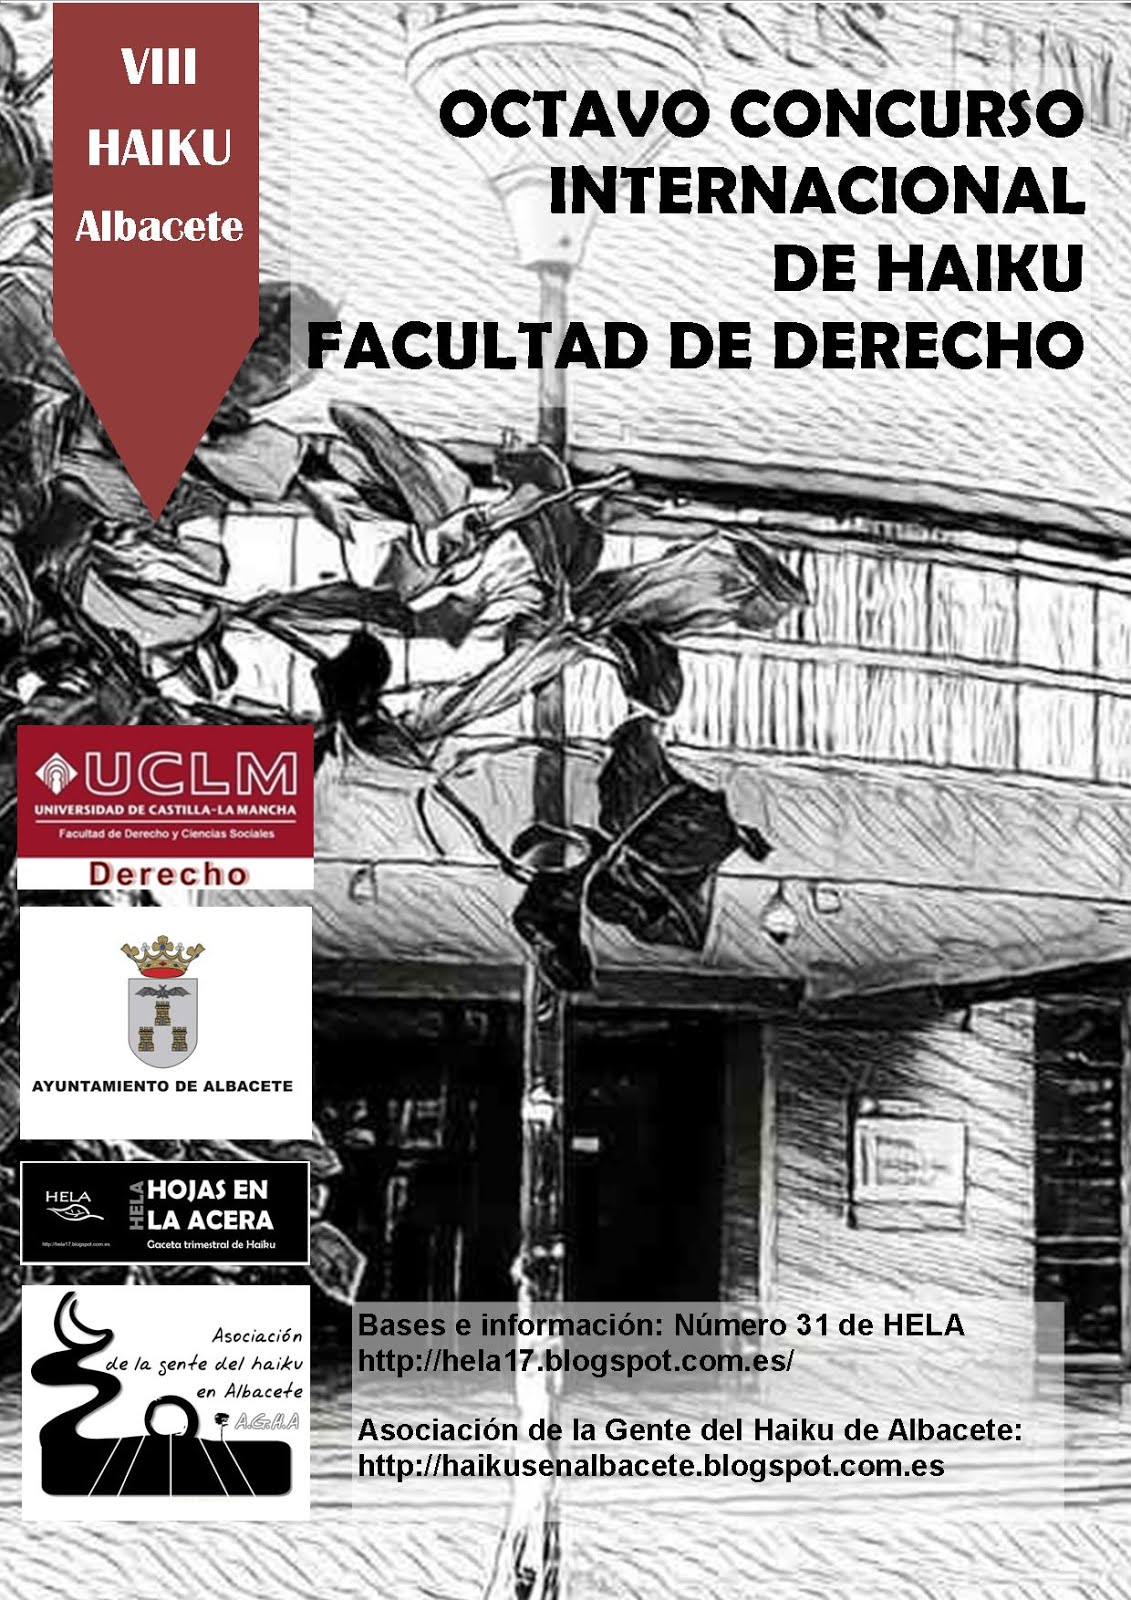 Octavo Concurso Internacional de Haiku Facultad de Derecho de Albacete